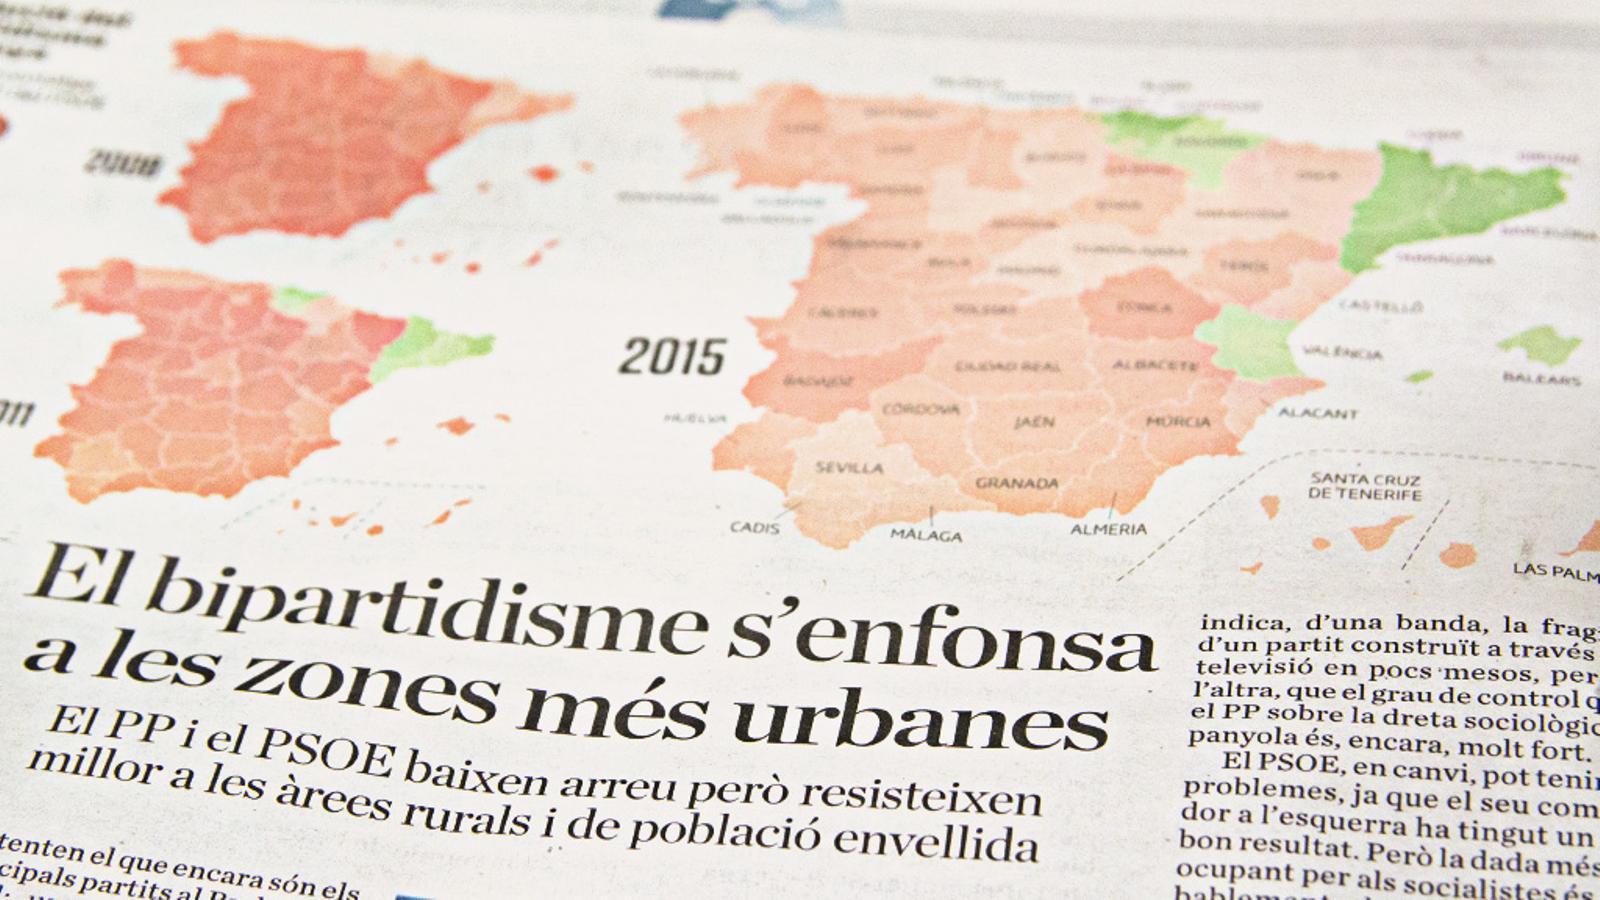 L'editorial d'Antoni Bassas: Rajoy, el PSOE i el referèndum